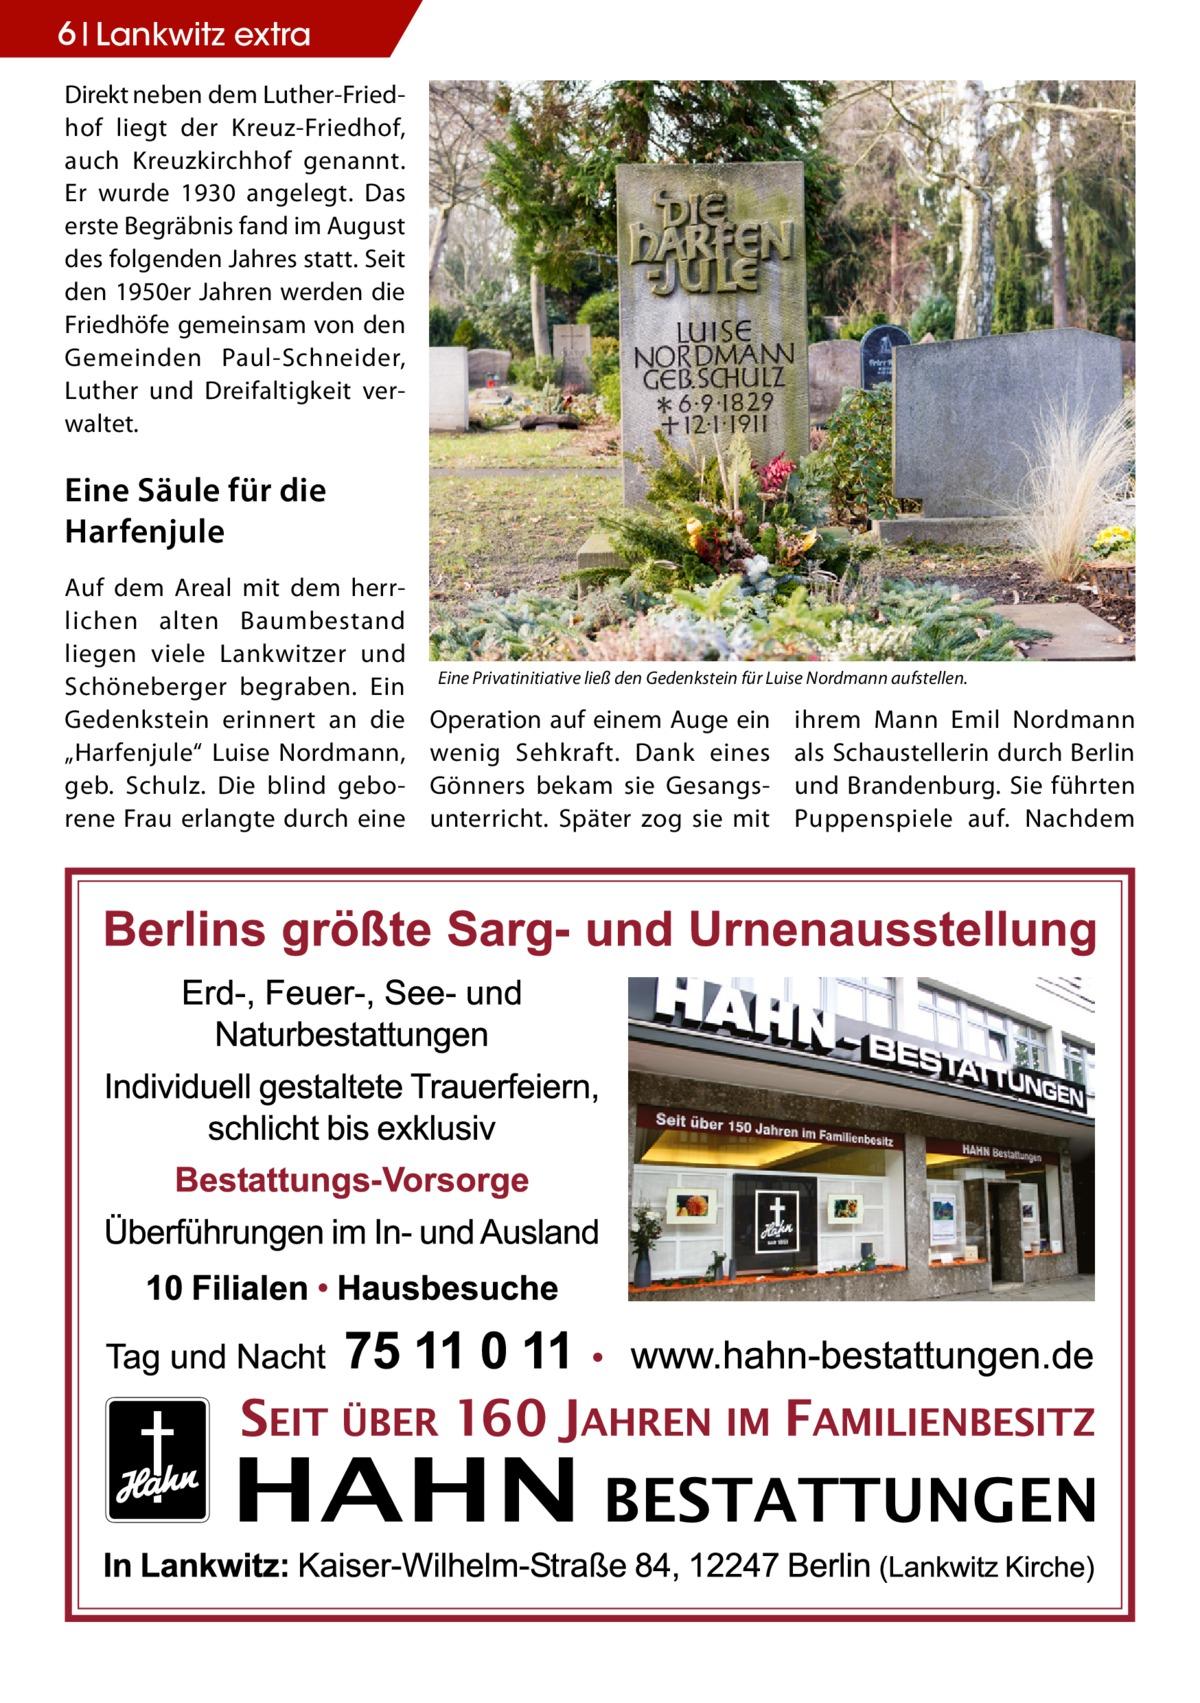 """6 Lankwitz extra Direkt neben dem Luther-Friedhof liegt der Kreuz-Friedhof, auch Kreuzkirchhof genannt. Er wurde 1930 angelegt. Das erste Begräbnis fand im August des folgenden Jahres statt. Seit den 1950er Jahren werden die Friedhöfe gemeinsam von den Gemeinden Paul-Schneider, Luther und Dreifaltigkeit verwaltet.  Eine Säule für die Harfenjule Auf dem Areal mit dem herrlichen alten Baumbestand liegen viele Lankwitzer und Schöneberger begraben. Ein Gedenkstein erinnert an die """"Harfenjule"""" Luise Nordmann, geb. Schulz. Die blind geborene Frau erlangte durch eine  Eine Privatinitiative ließ den Gedenkstein für Luise Nordmann aufstellen.  Operation auf einem Auge ein wenig Sehkraft. Dank eines Gönners bekam sie Gesangsunterricht. Später zog sie mit  ihrem Mann Emil Nordmann als Schaustellerin durch Berlin und Brandenburg. Sie führten Puppenspiele auf. Nachdem"""